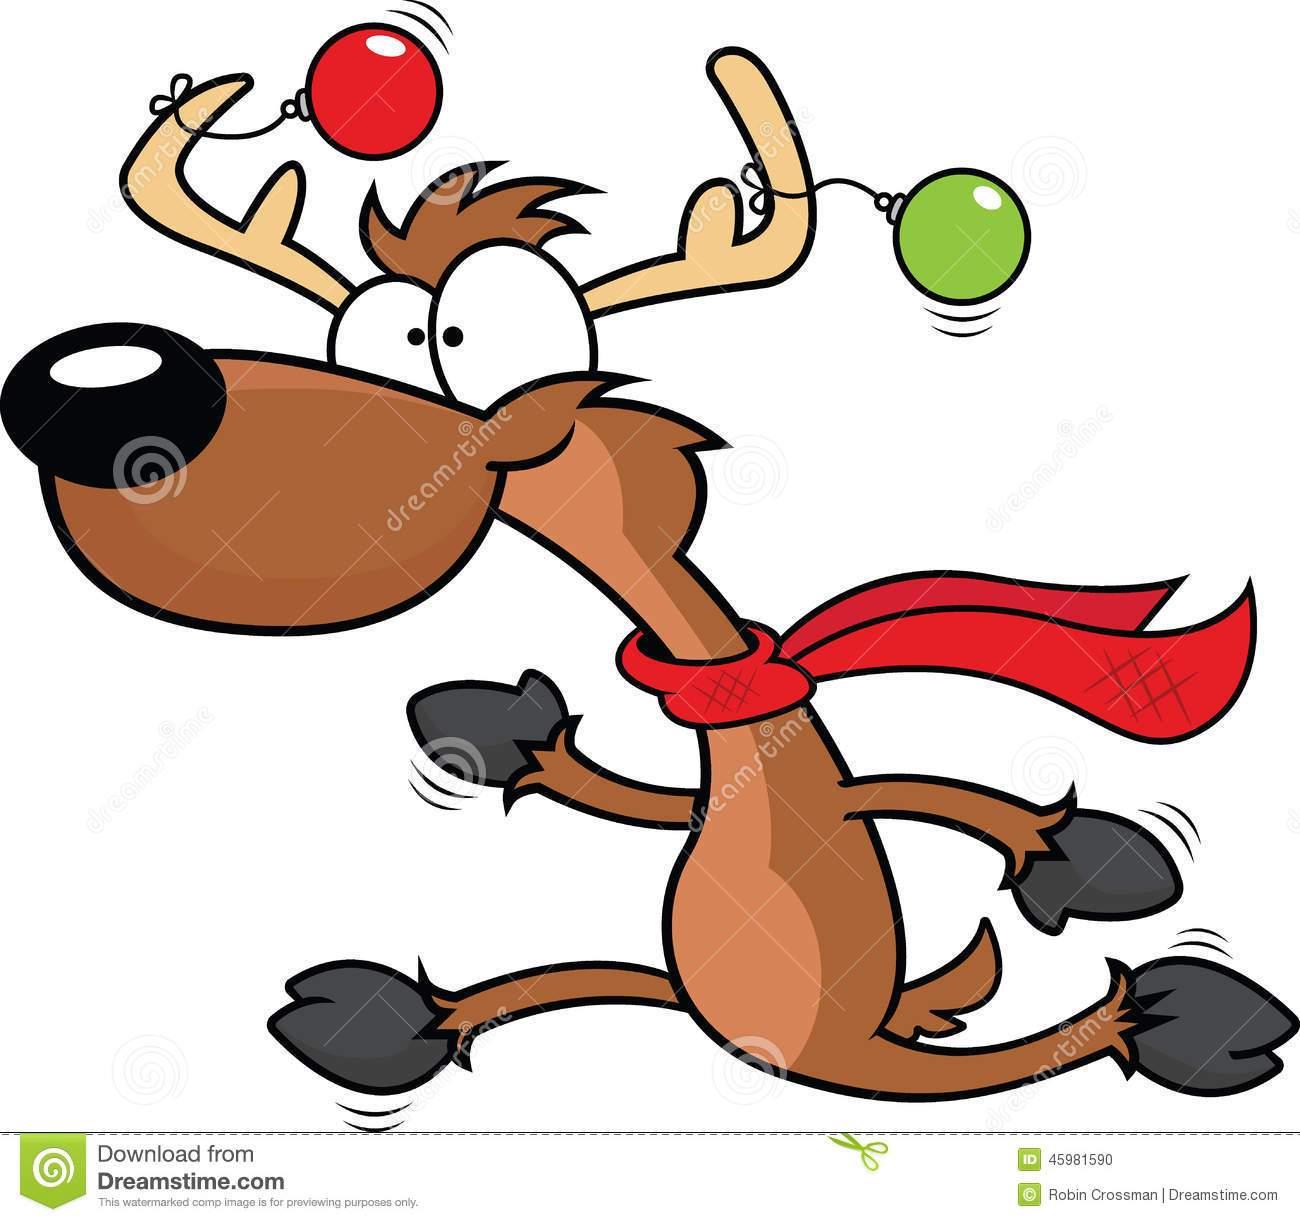 Running reindeer clipart » Clipart Portal.